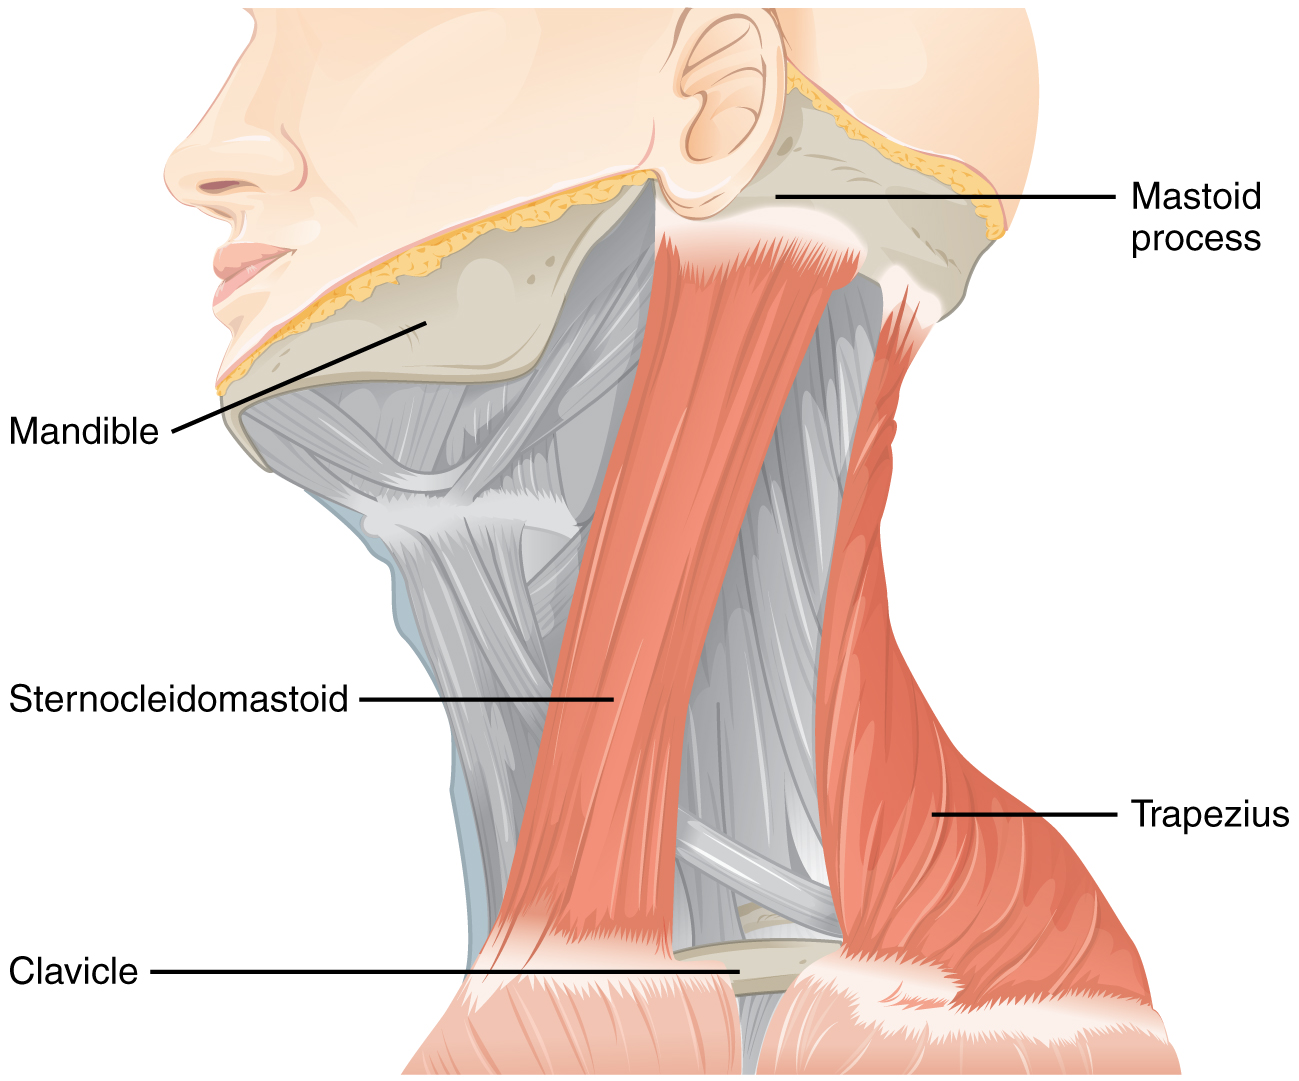 Muskel, die vom Hirnnerv XI: Nervus accessorius kontrolliert werden: Schematische Darstellung mit Beschriftung